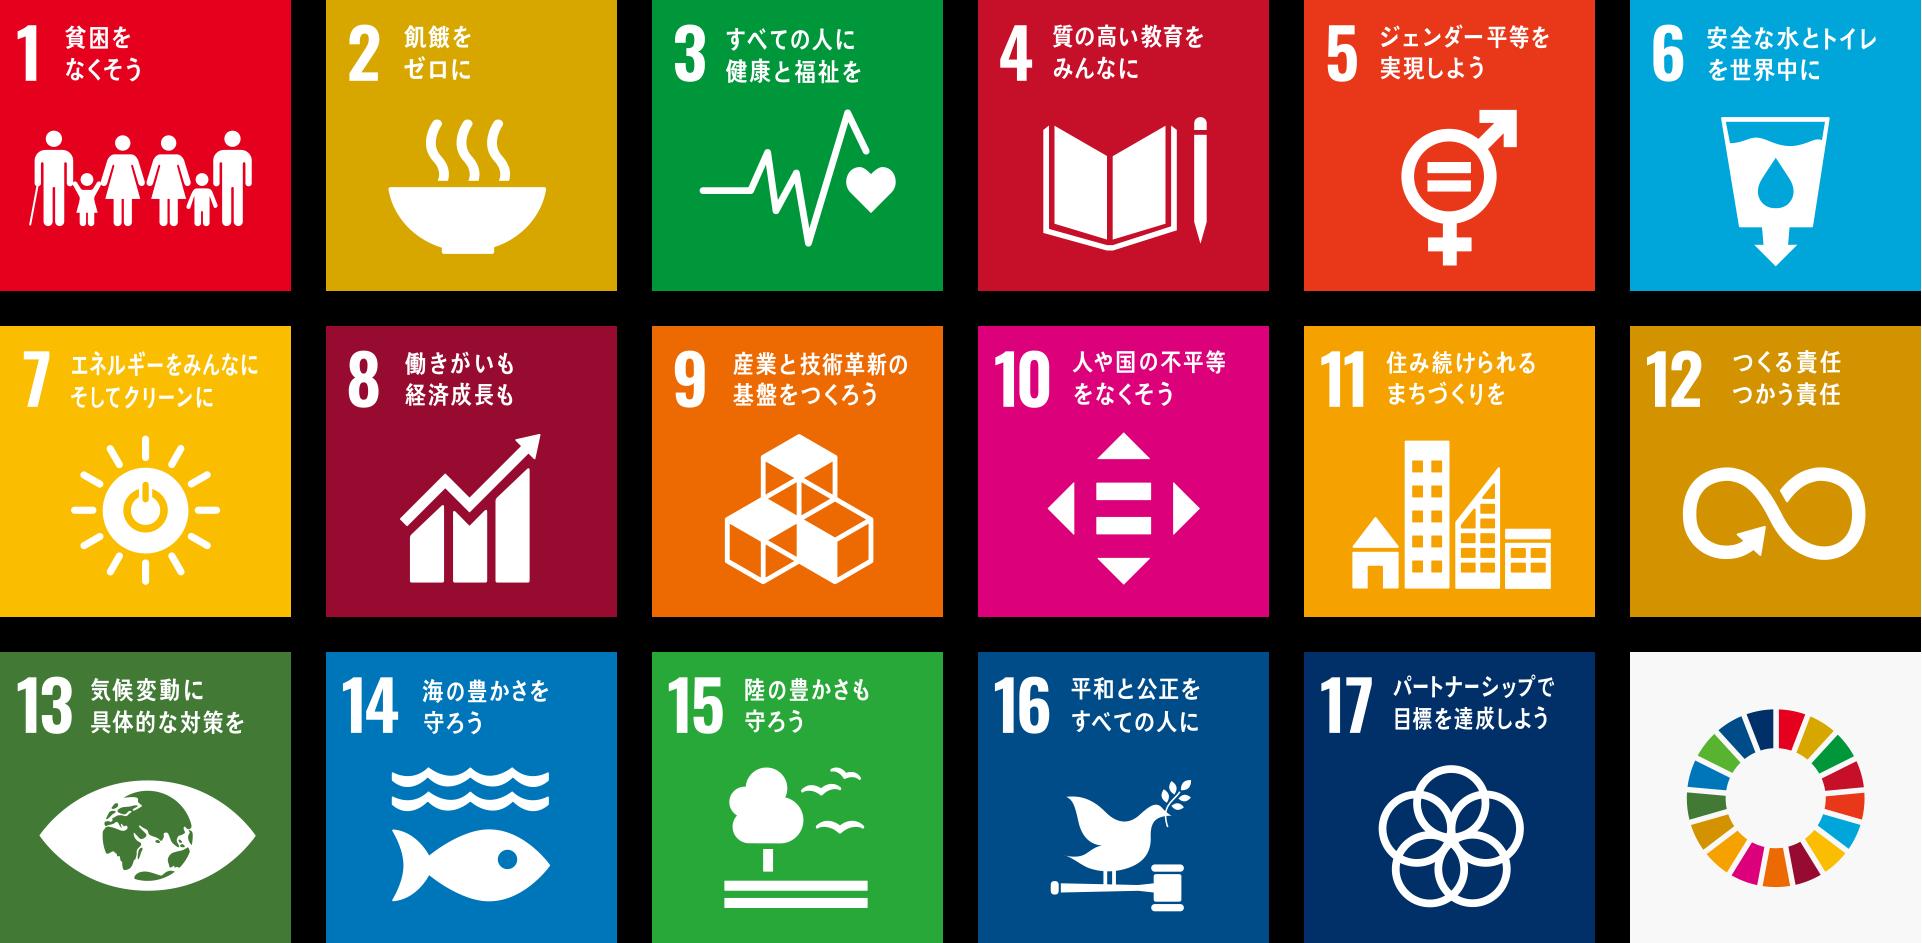 持続可能な開発目標(SDGs:Sustainable Development Goals)アイコン